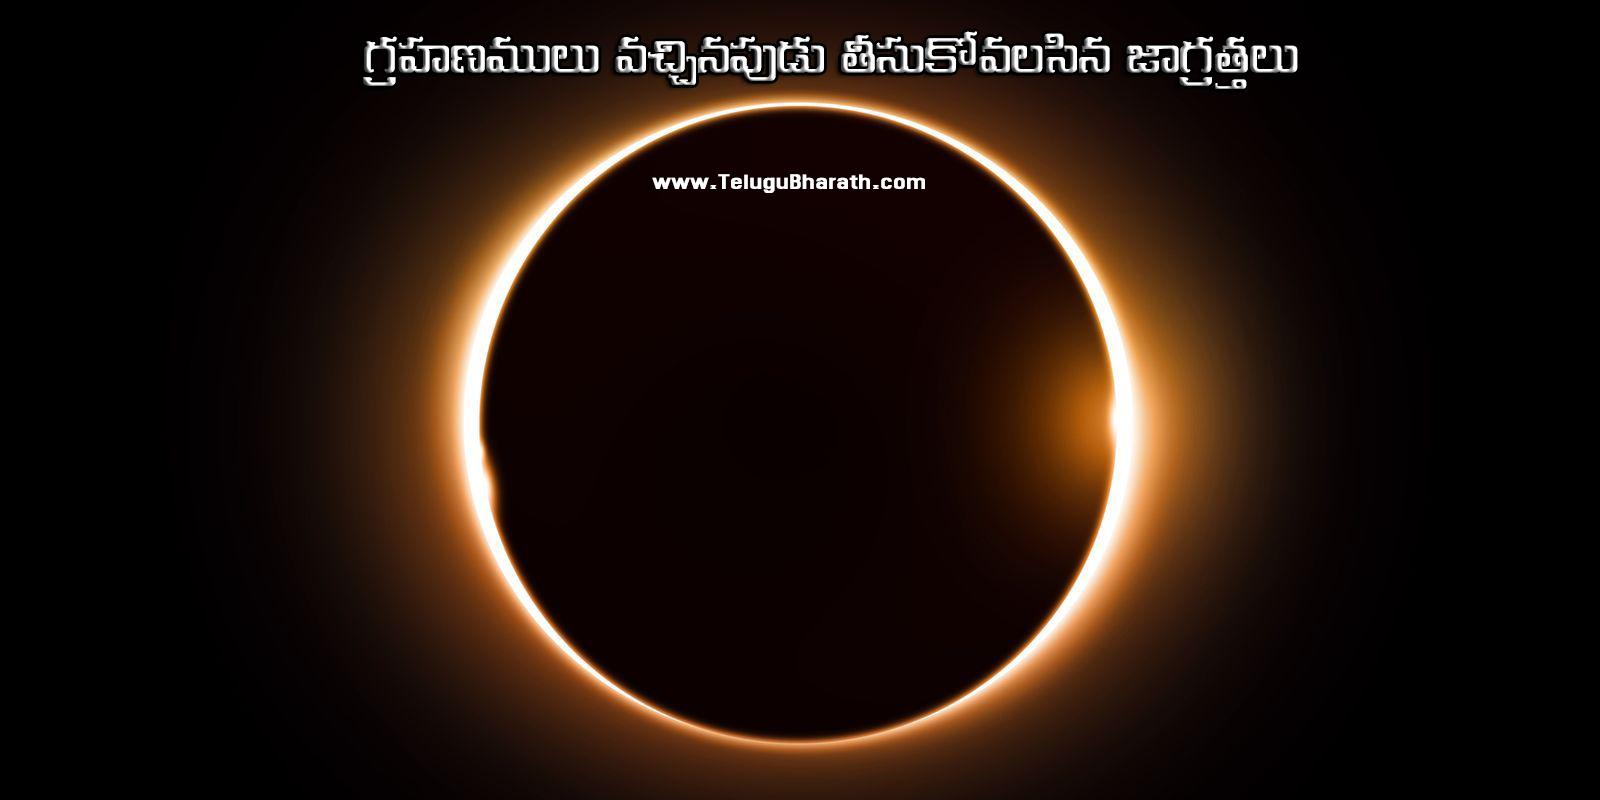 గ్రహణములు వచ్చినపుడు తీసుకోవలసిన జాగ్రత్తలు - Grahanam, Jagrattalu